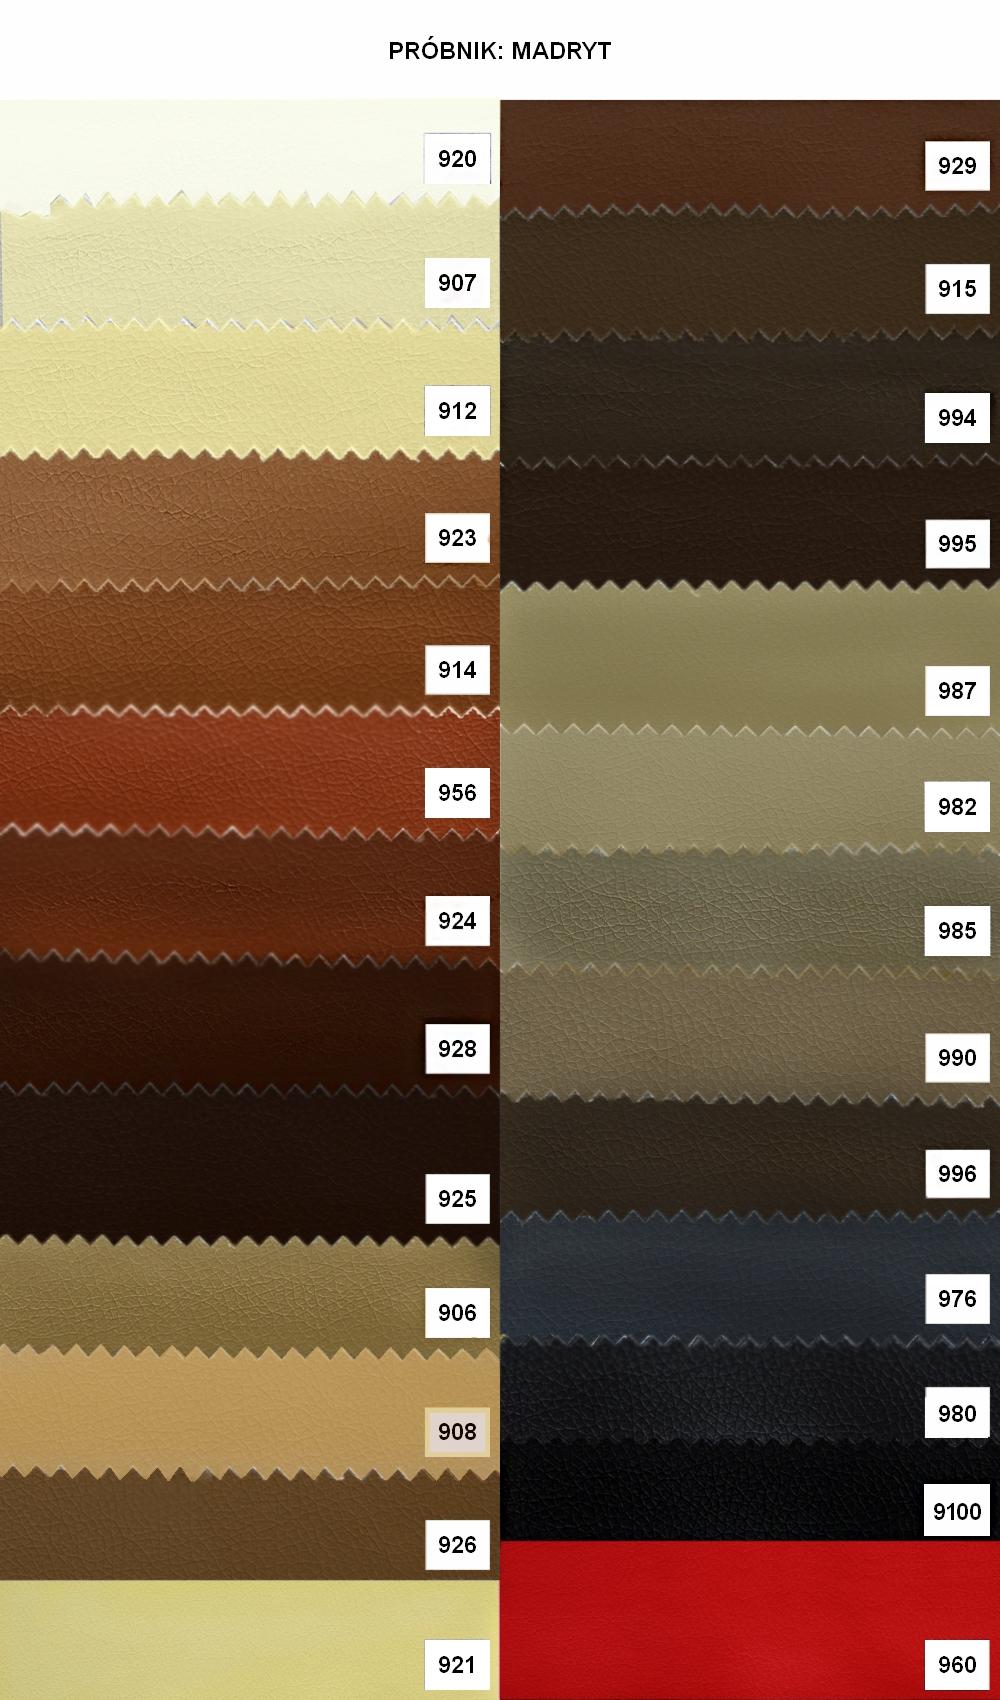 MODERN CORNER CORN RELAXATION Farbwahl! Polsterfarbe Unterschiedliche Farbe